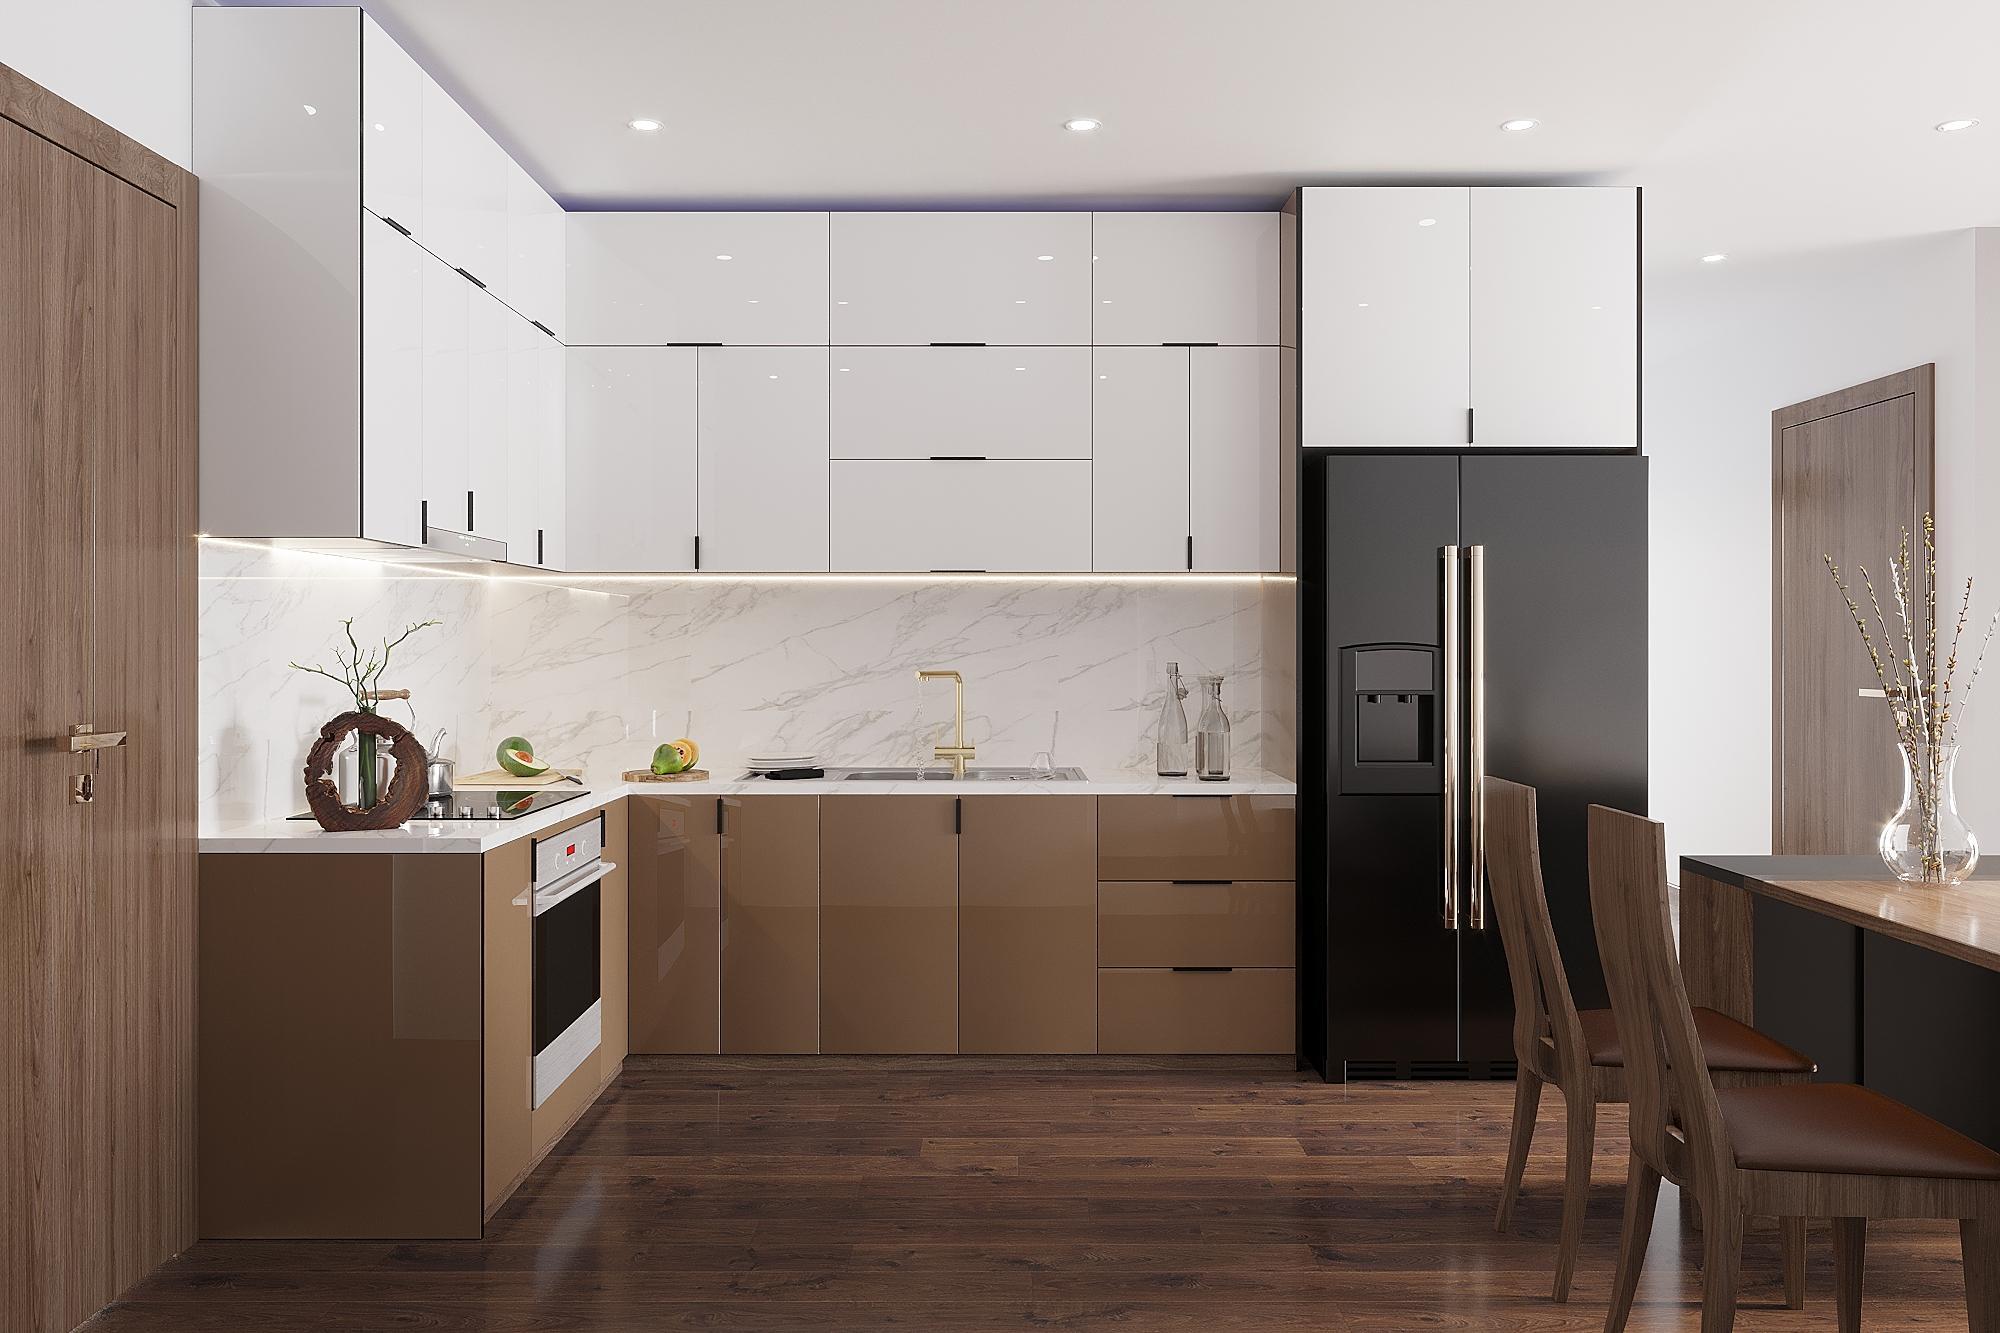 Tủ bếp MDF phủ melamine có gam màu nâu trắng khá bắt mắt, sang trọng và tinh tế